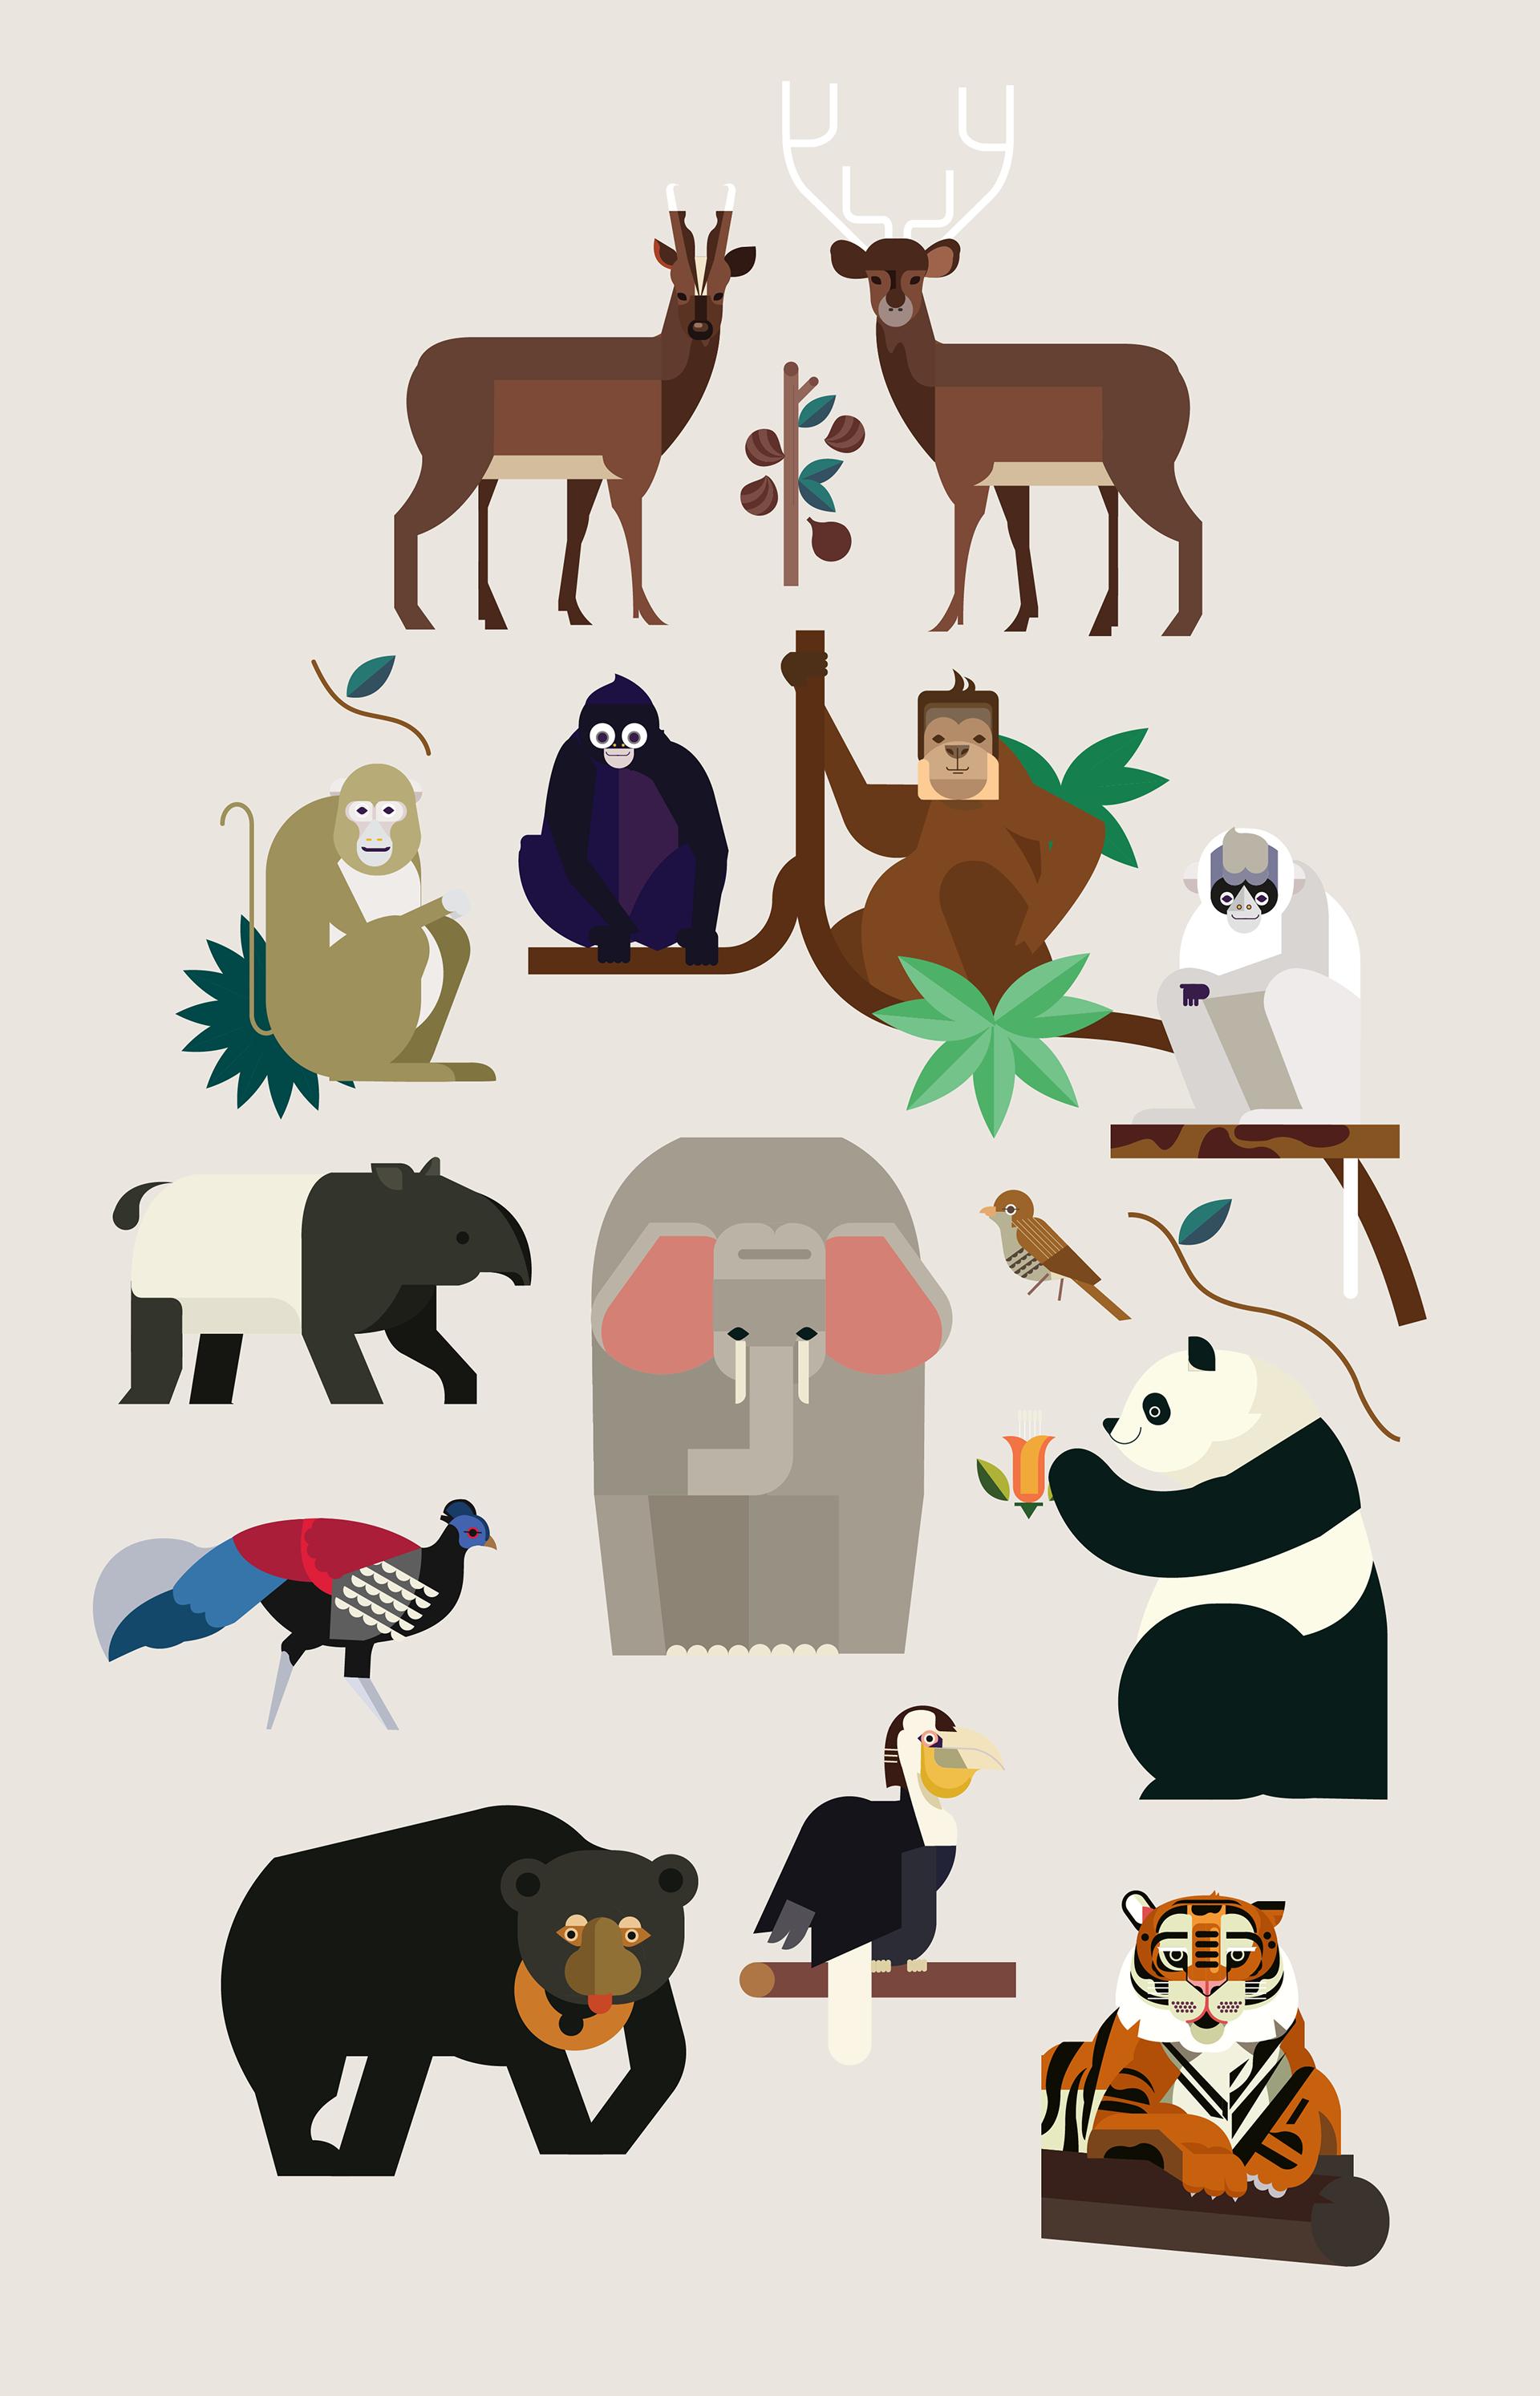 世界自然基金会标志_WWF-Malaysia Annual Review 2016 2016世界自然基金会马来西亚年度回顾 ...